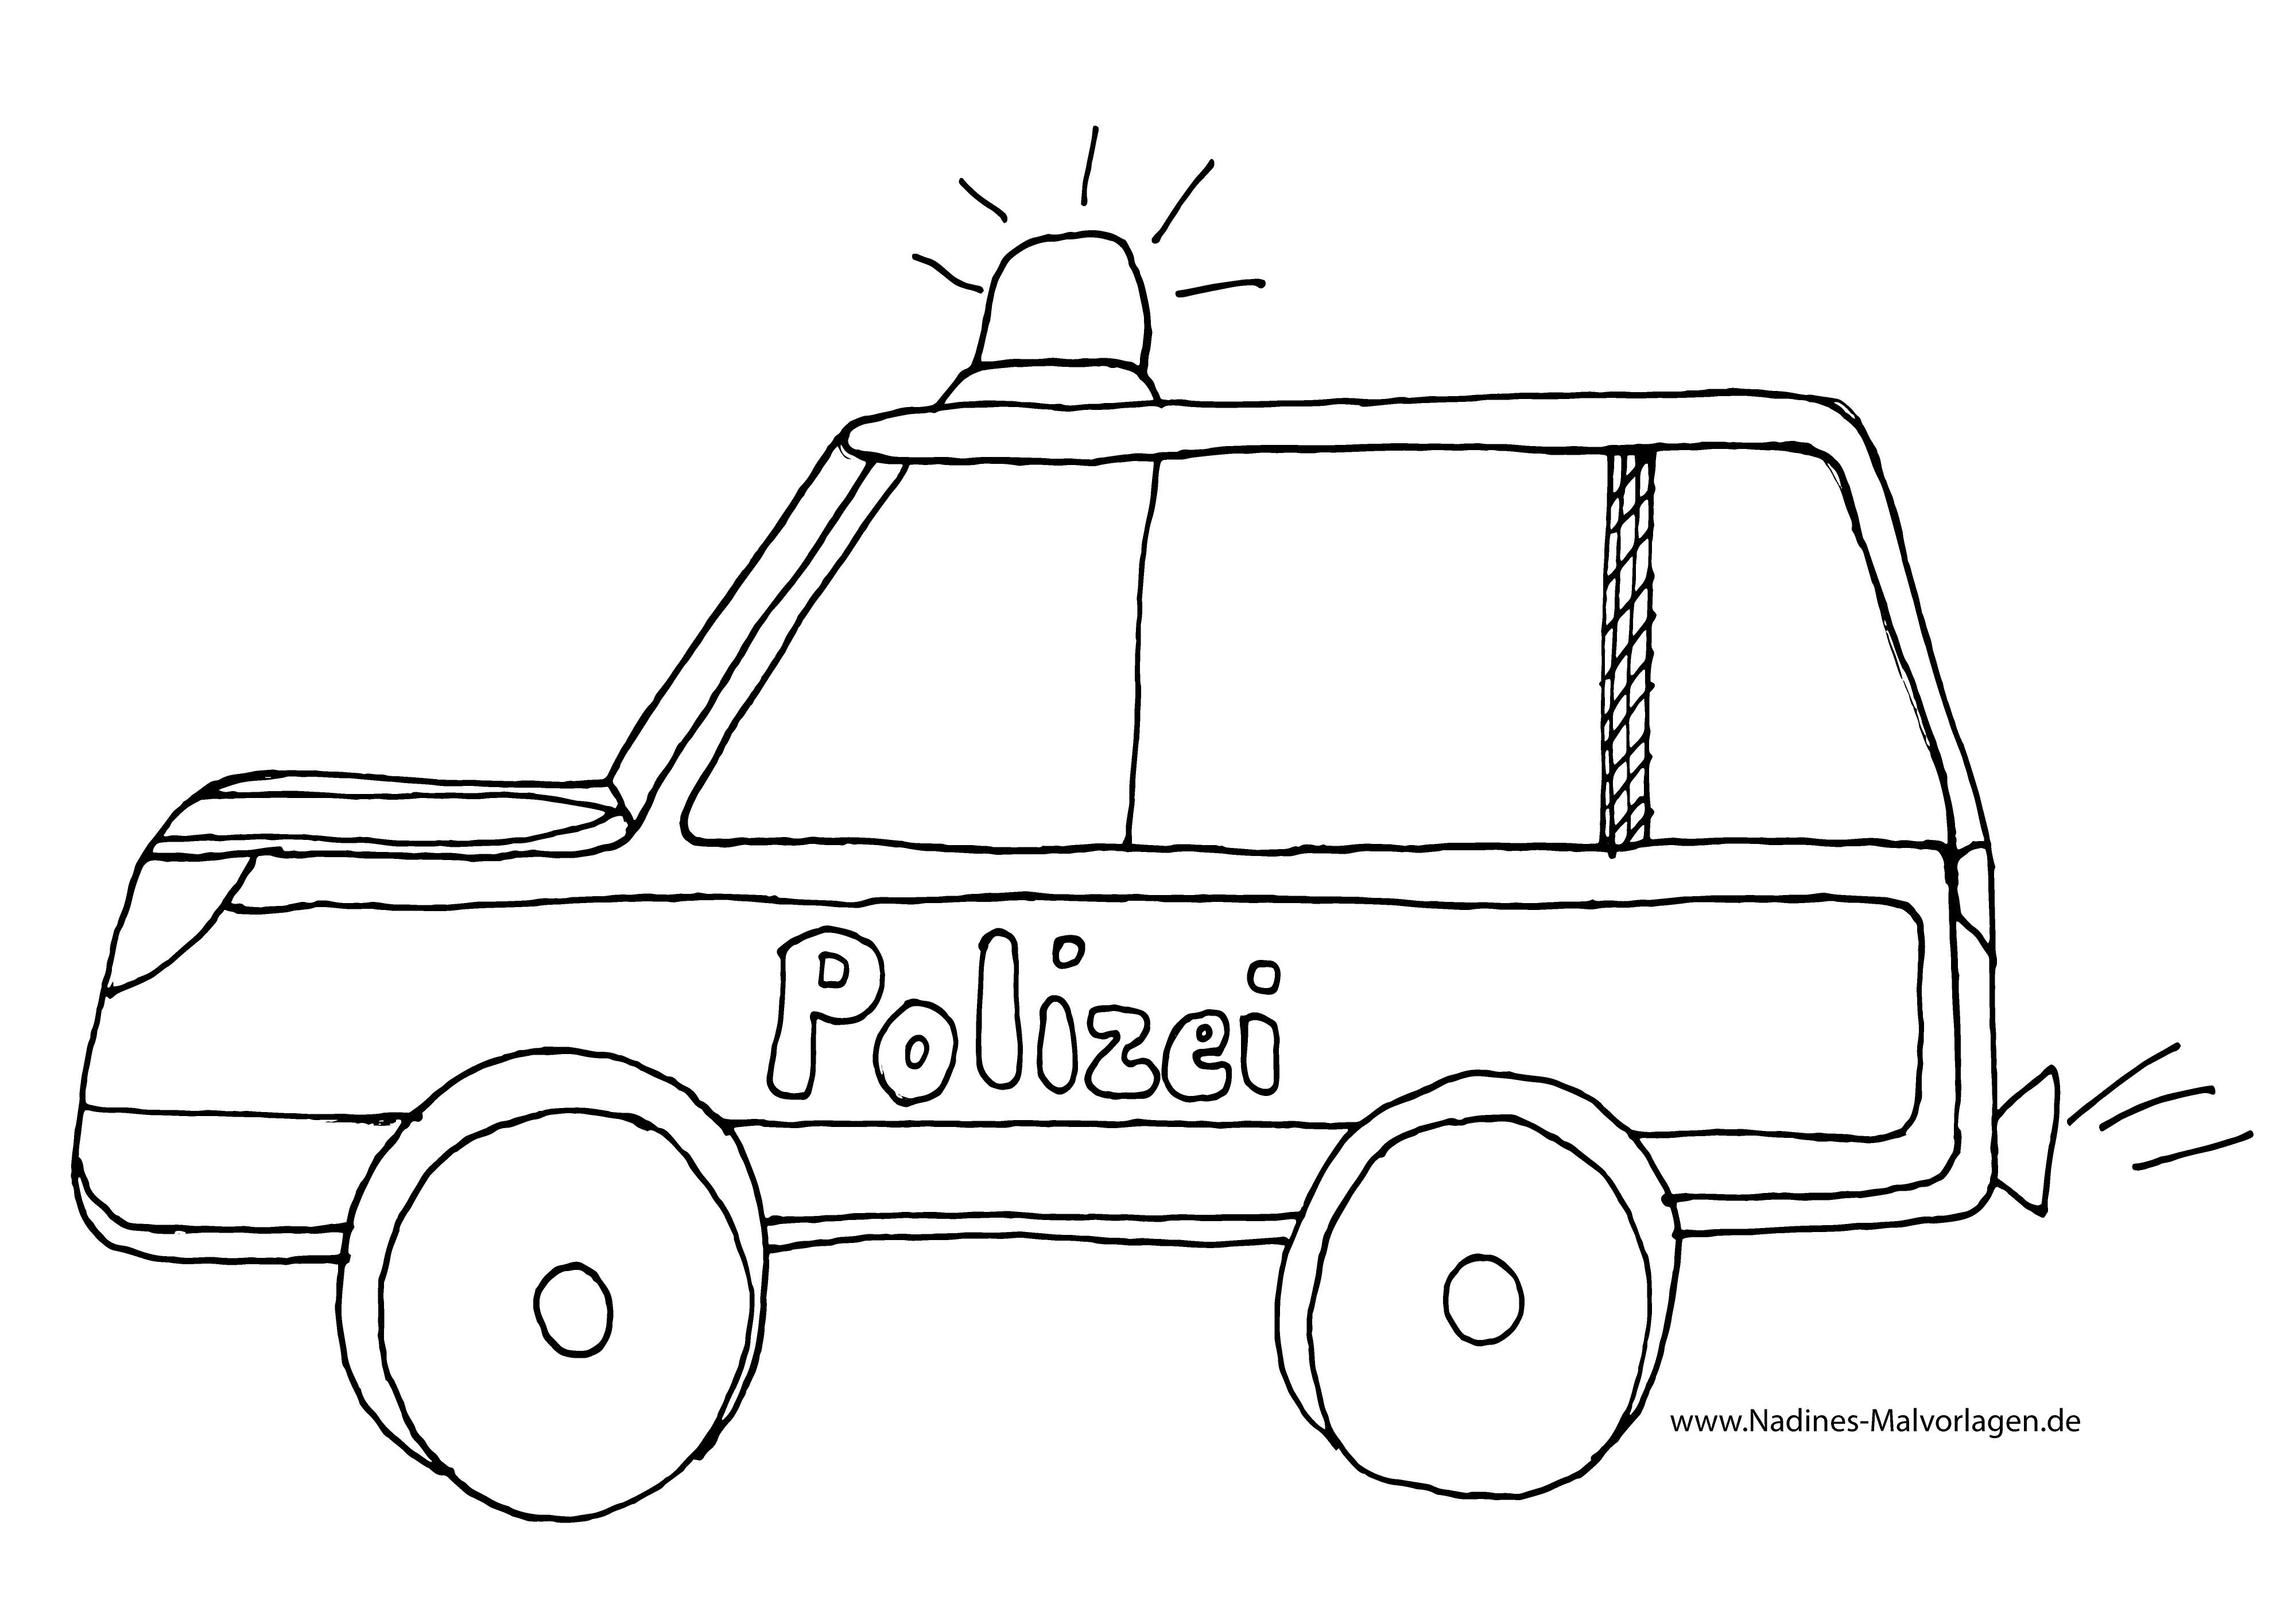 Ausmalbilder Polizeiauto  Polizeiauto mit Blaulicht Ausmalbild Nadines Ausmalbilder